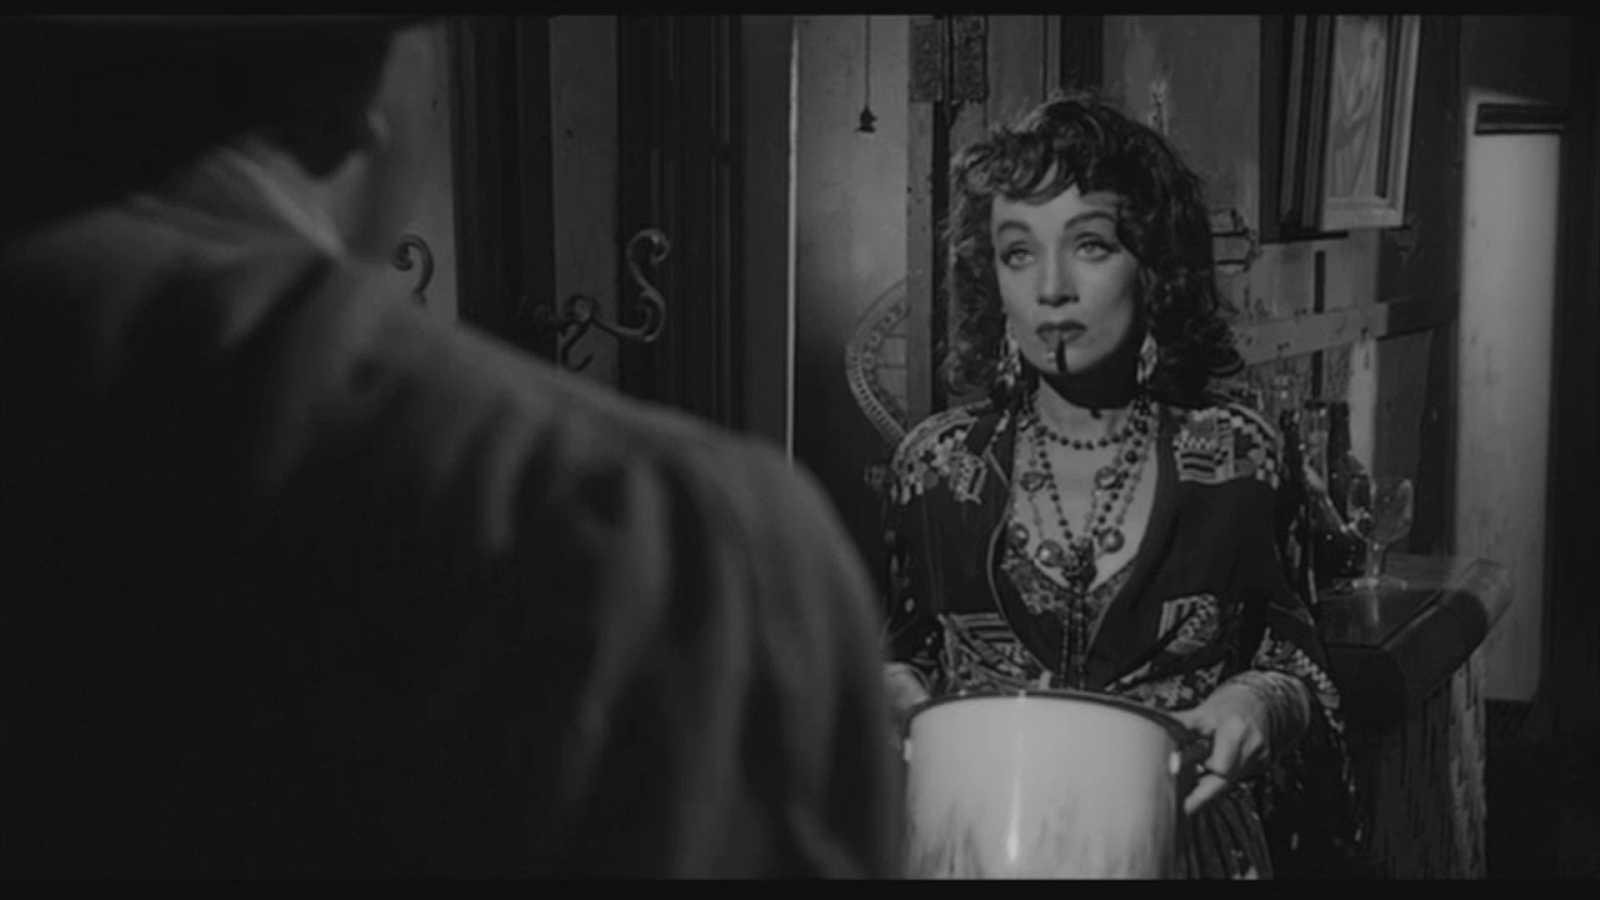 El momento de cine de Enrique Urbizu: 'Sed de mal'